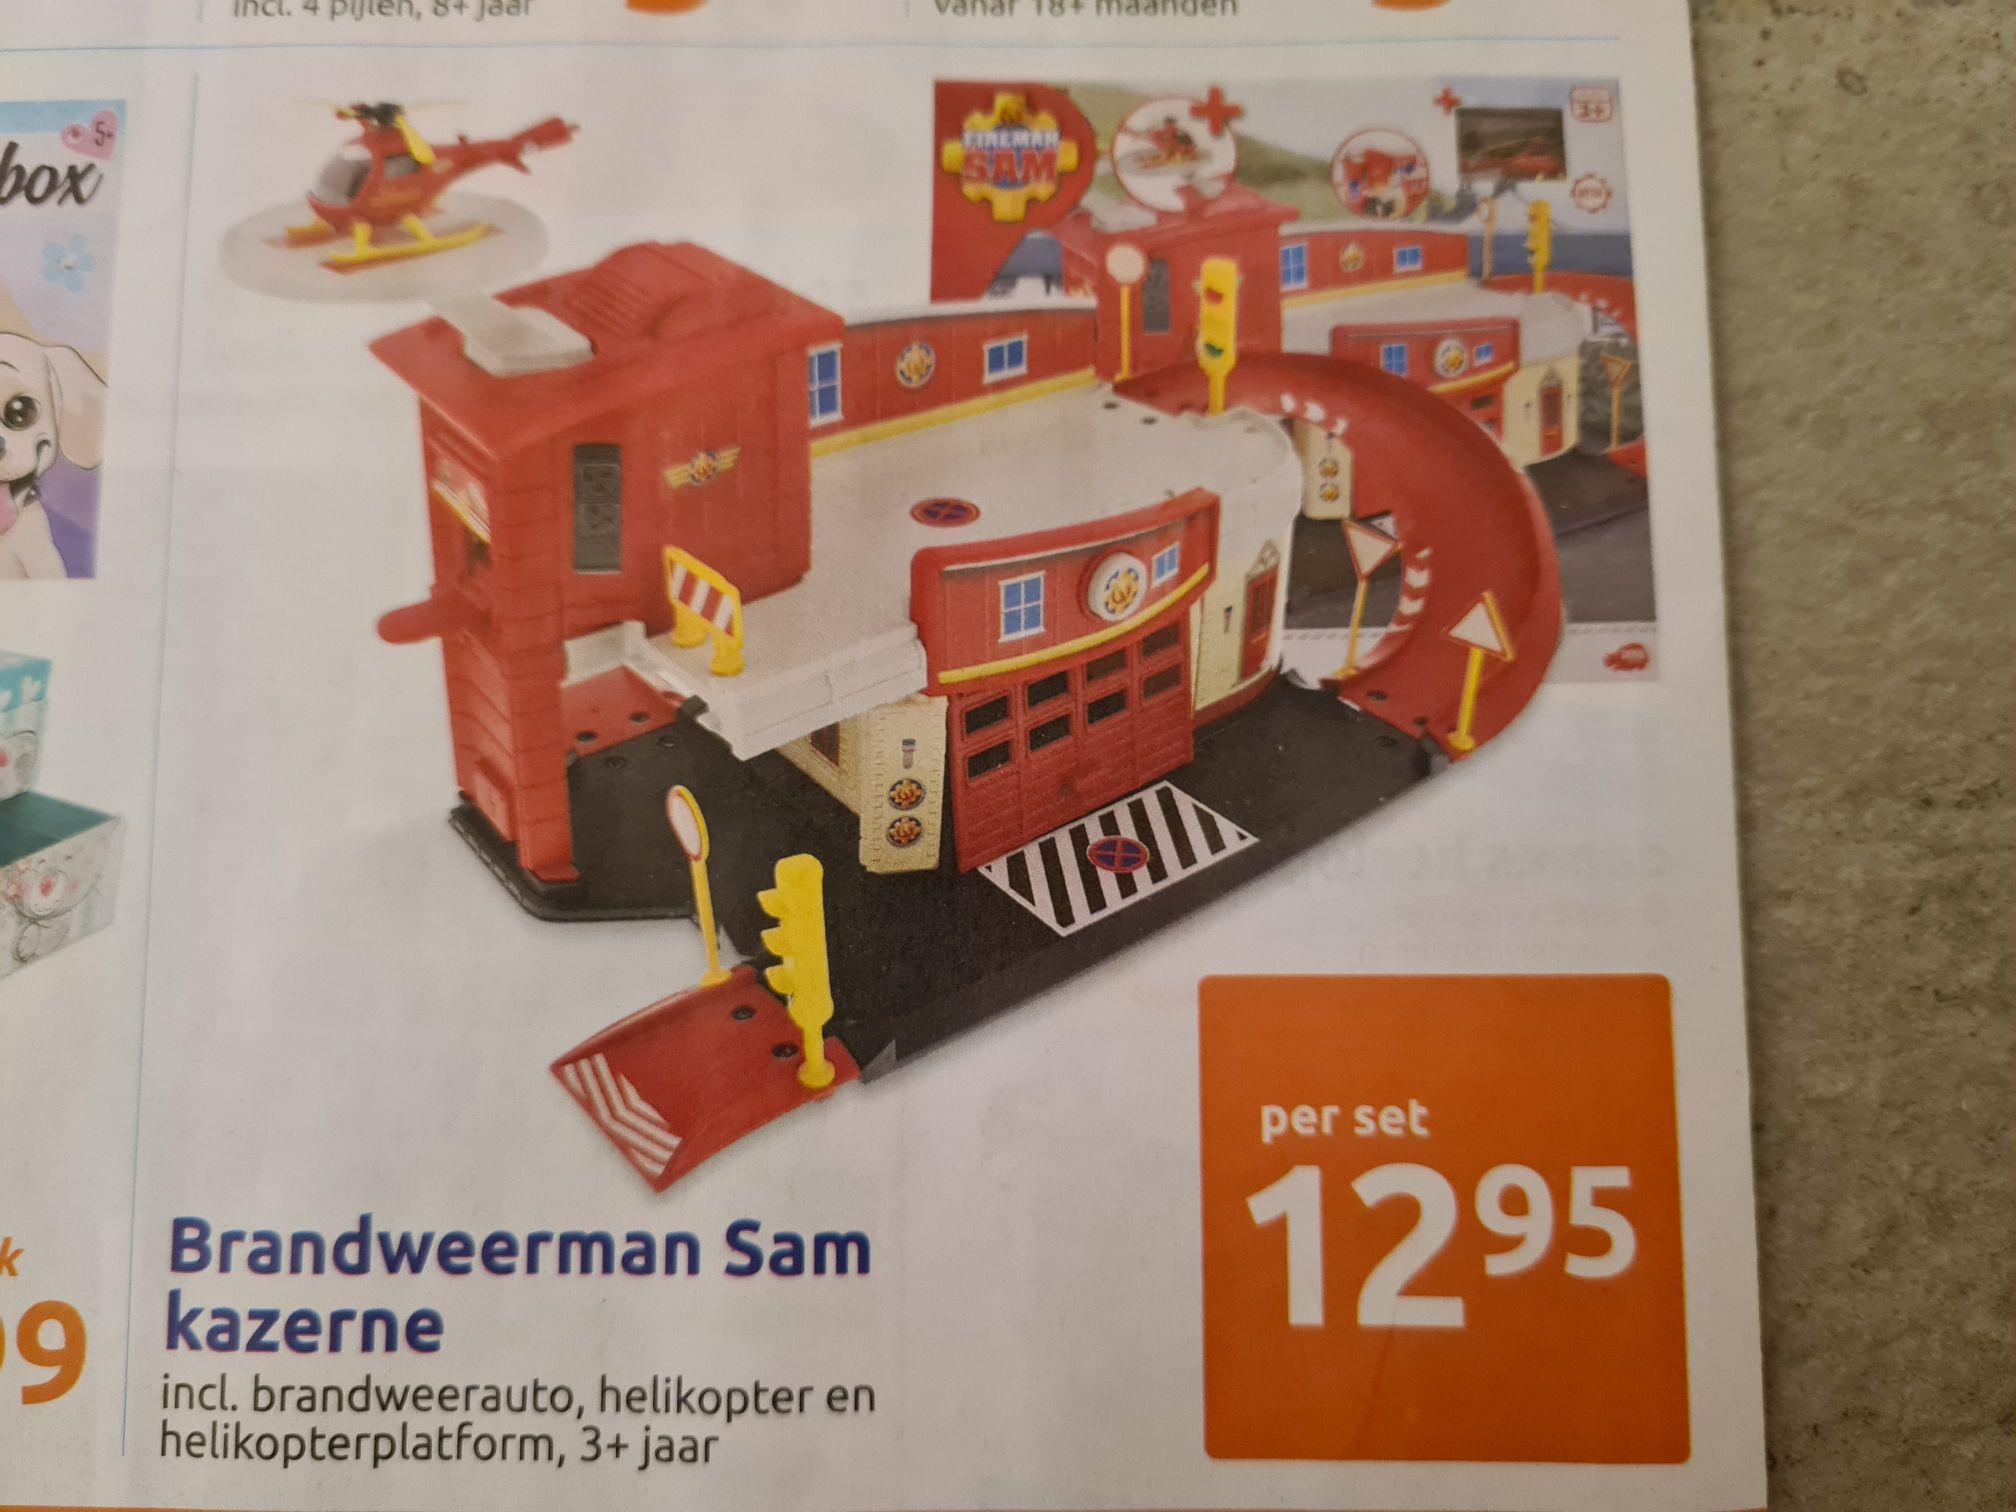 Deze Brandweerman Sam kazerne shop je heel goedkoop bij Action